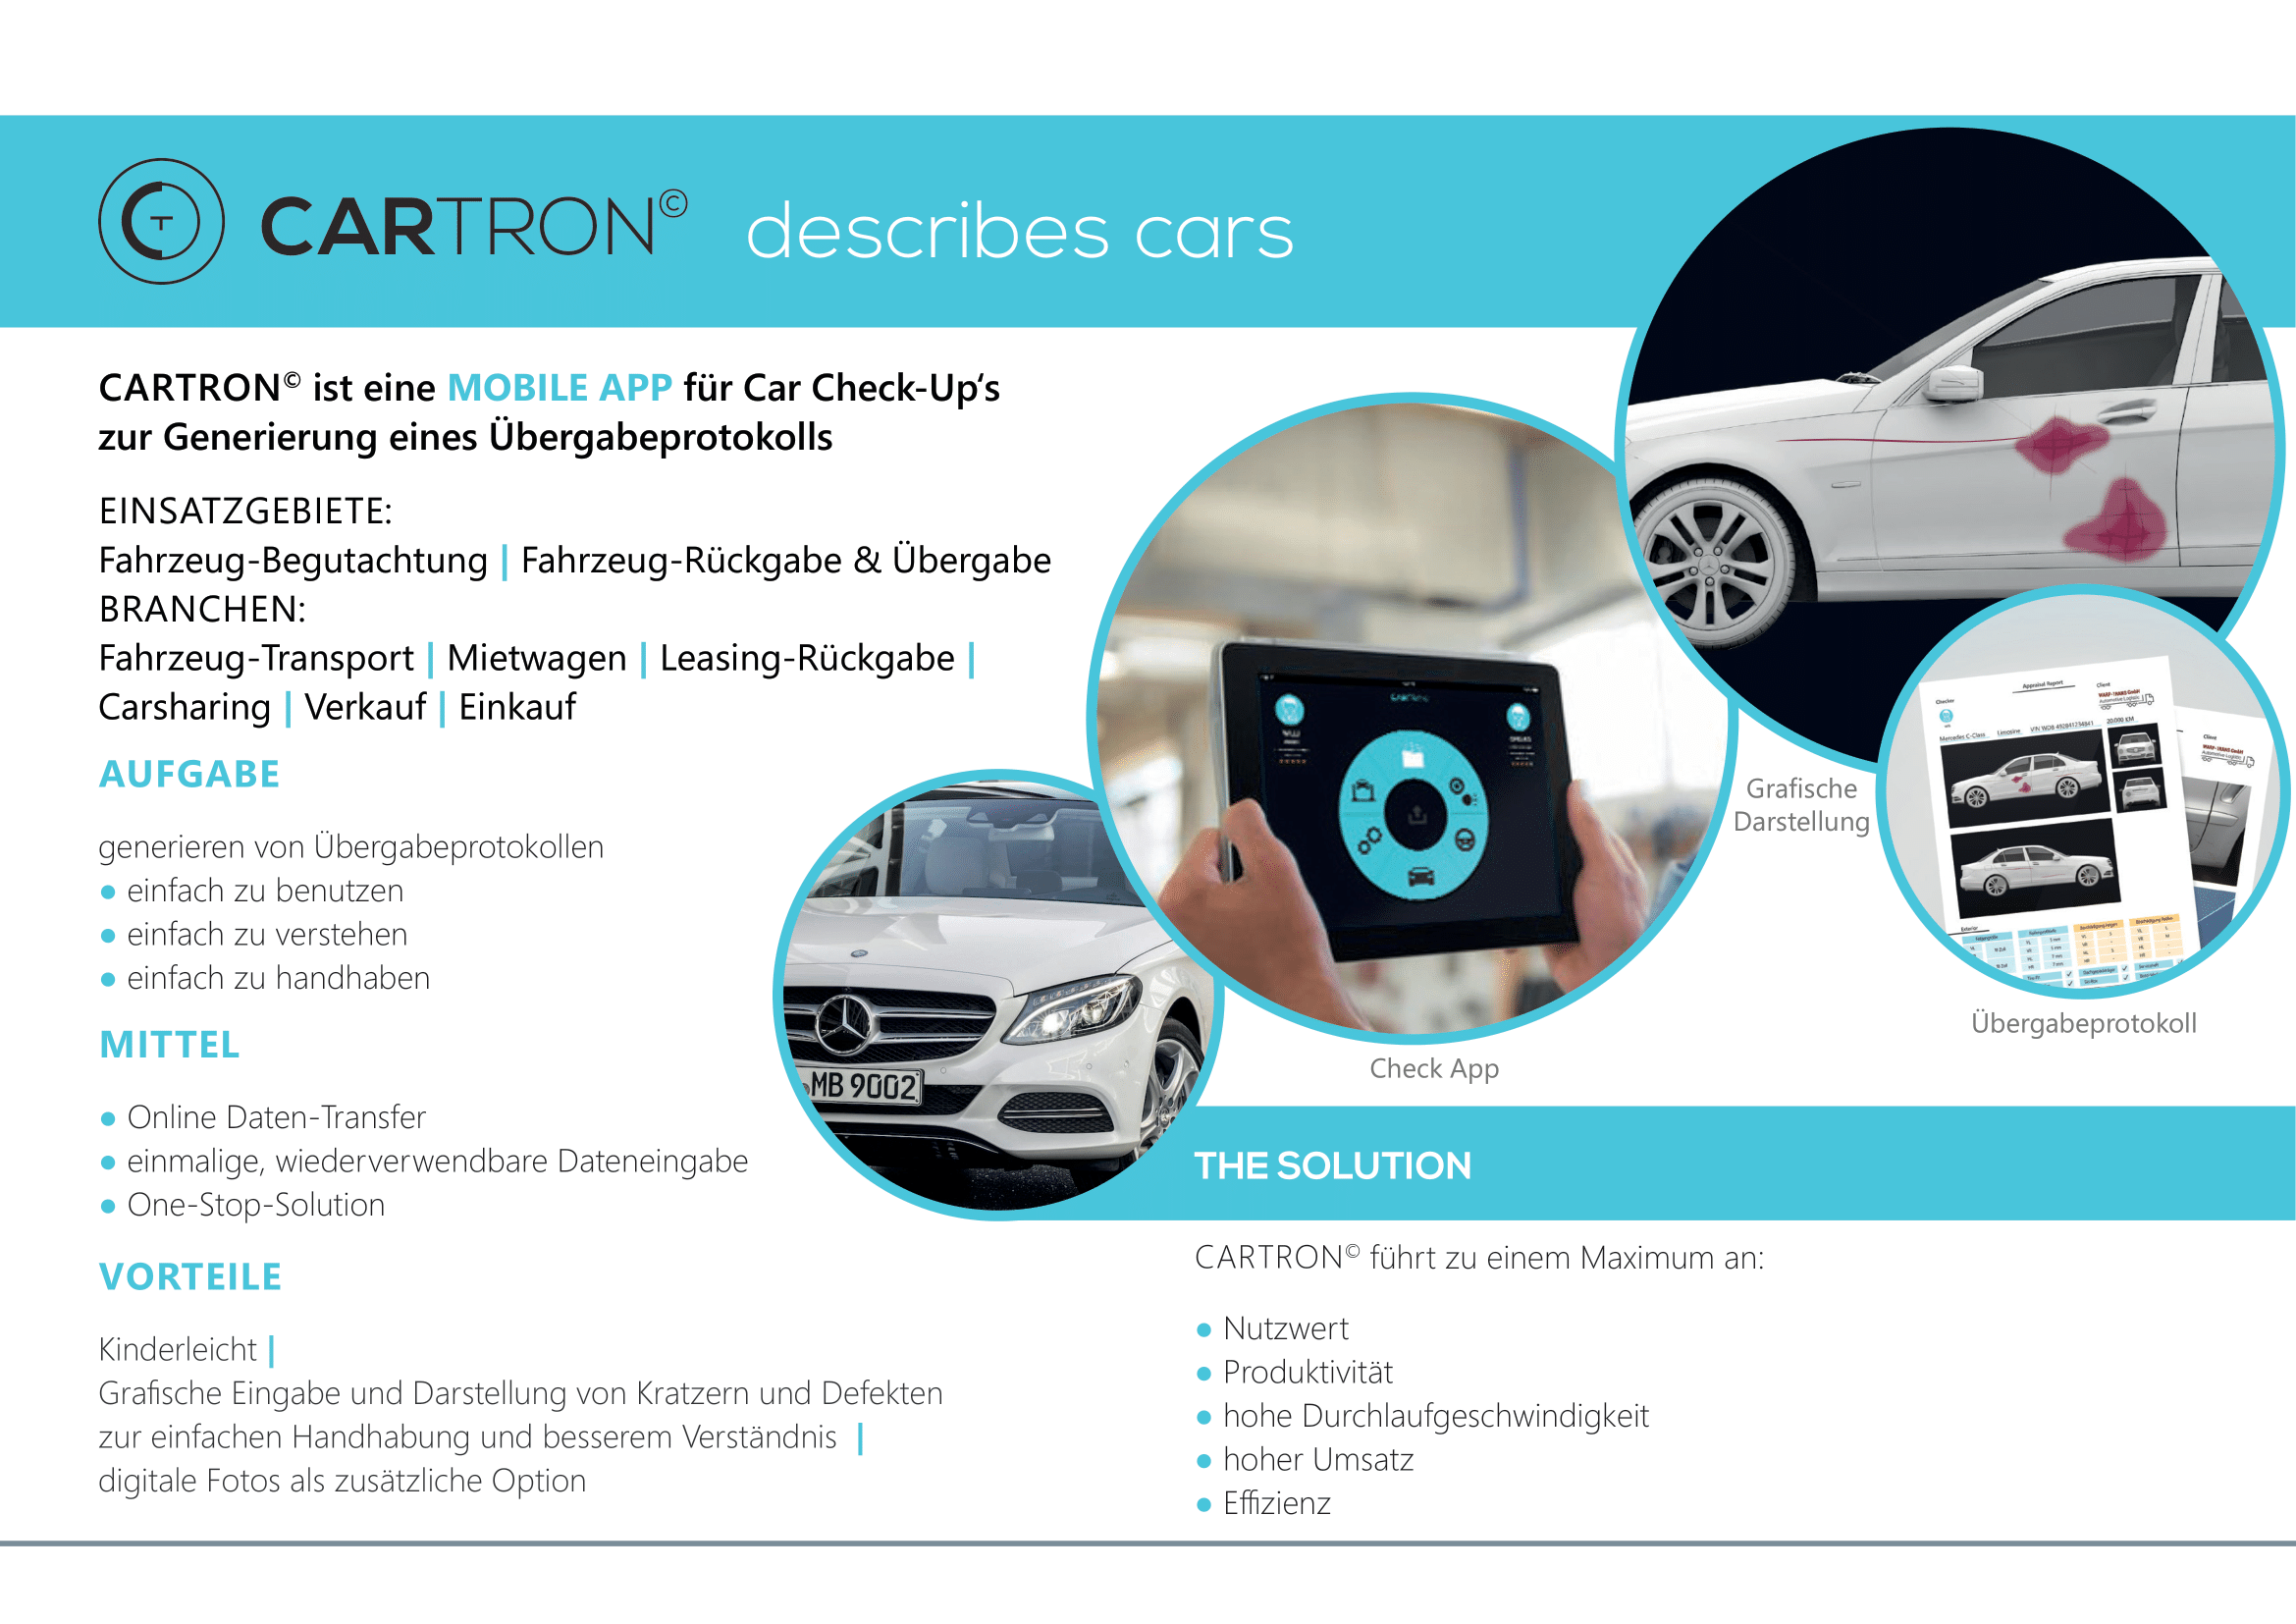 cartron-describes-cars